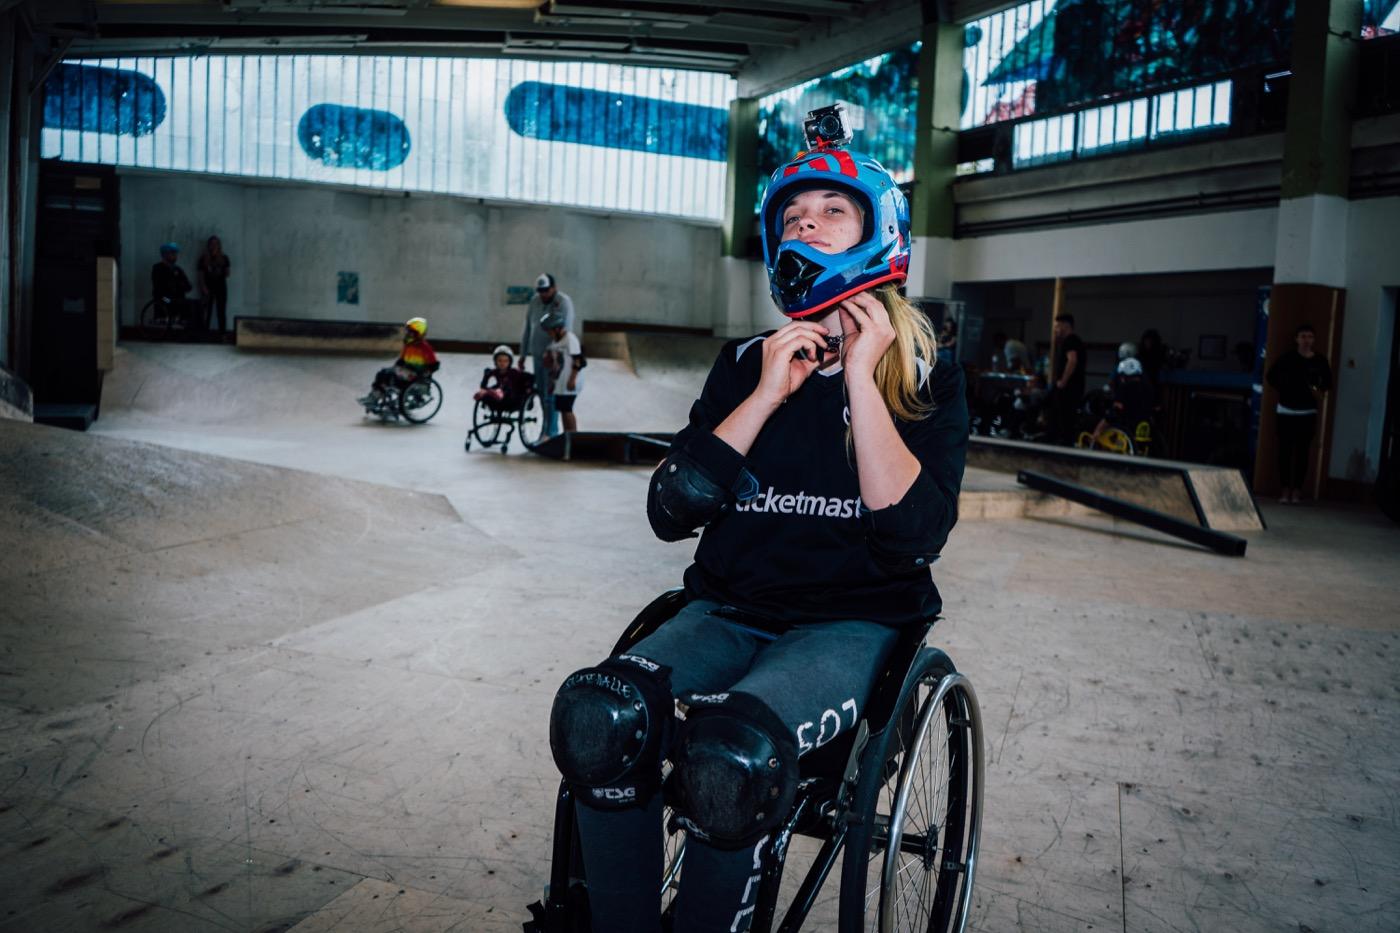 Bei den waghalsigen Manövern vertraut Ronja Holze auf ihre Ausrüstung.